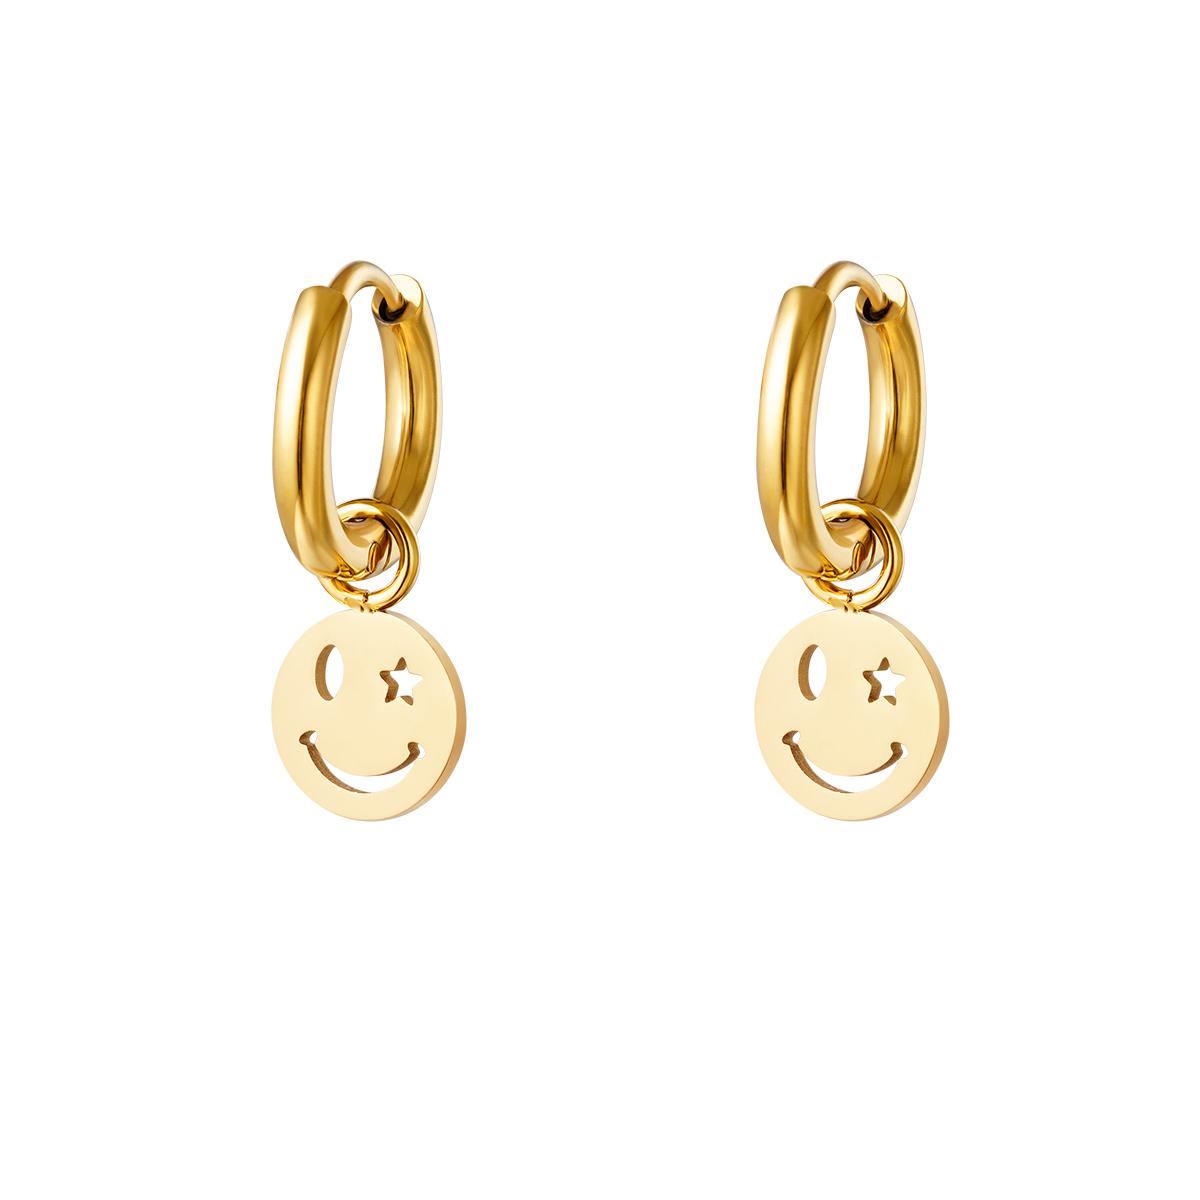 Oorbellen - Smiley Face - Goud